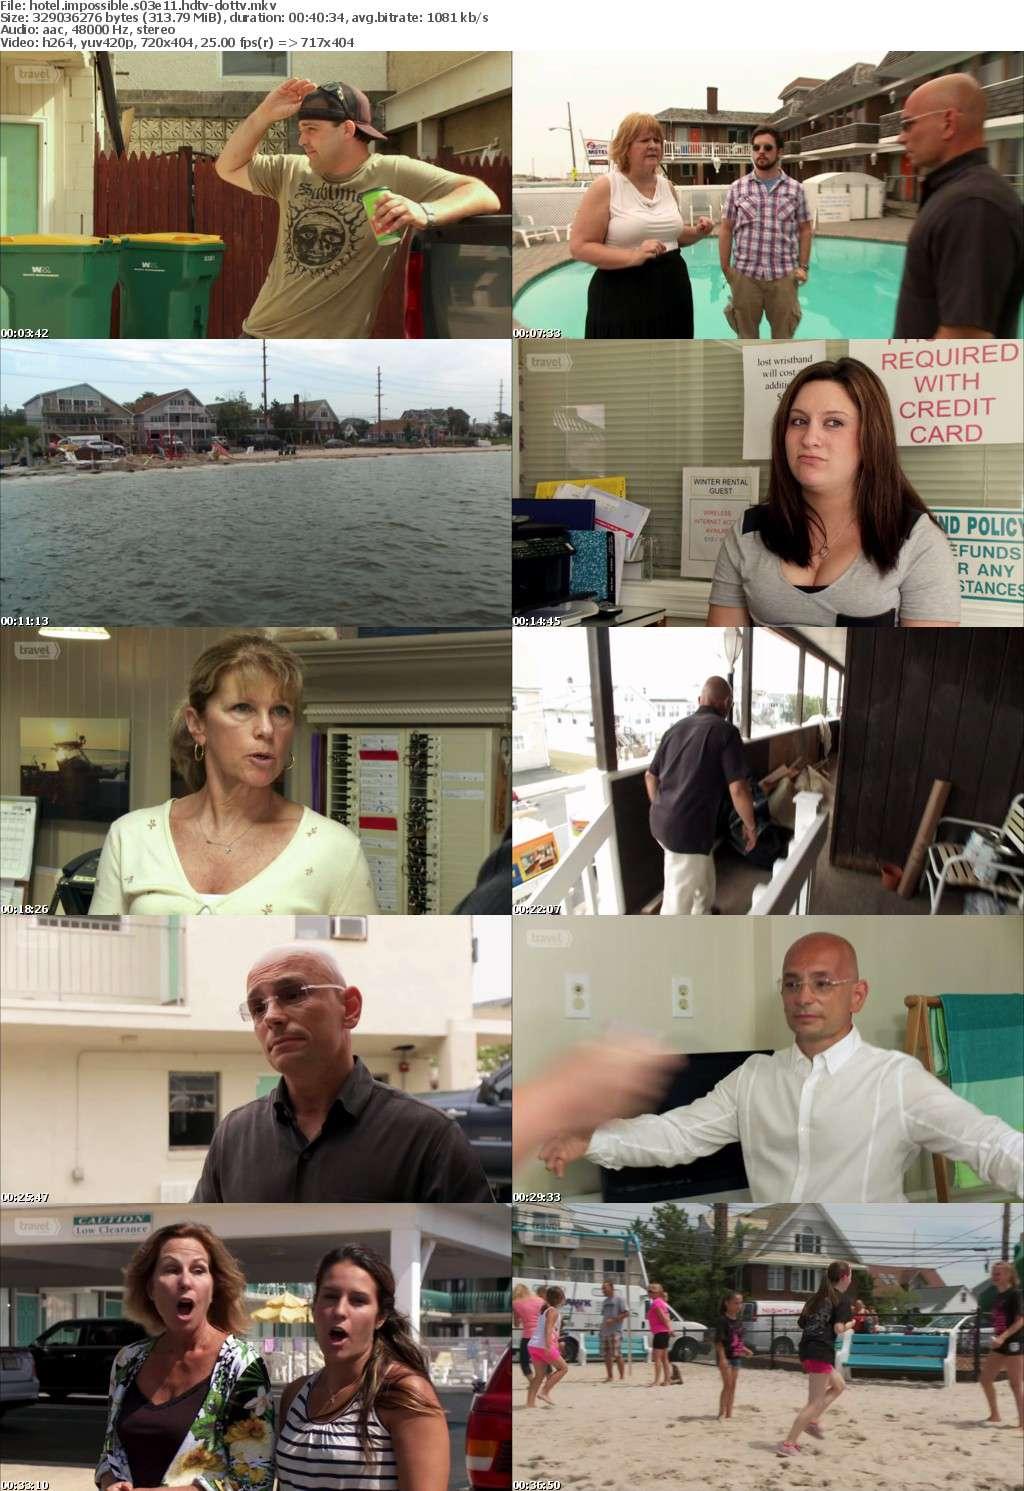 Hotel Impossible S03E11 HDTV x264-dotTV